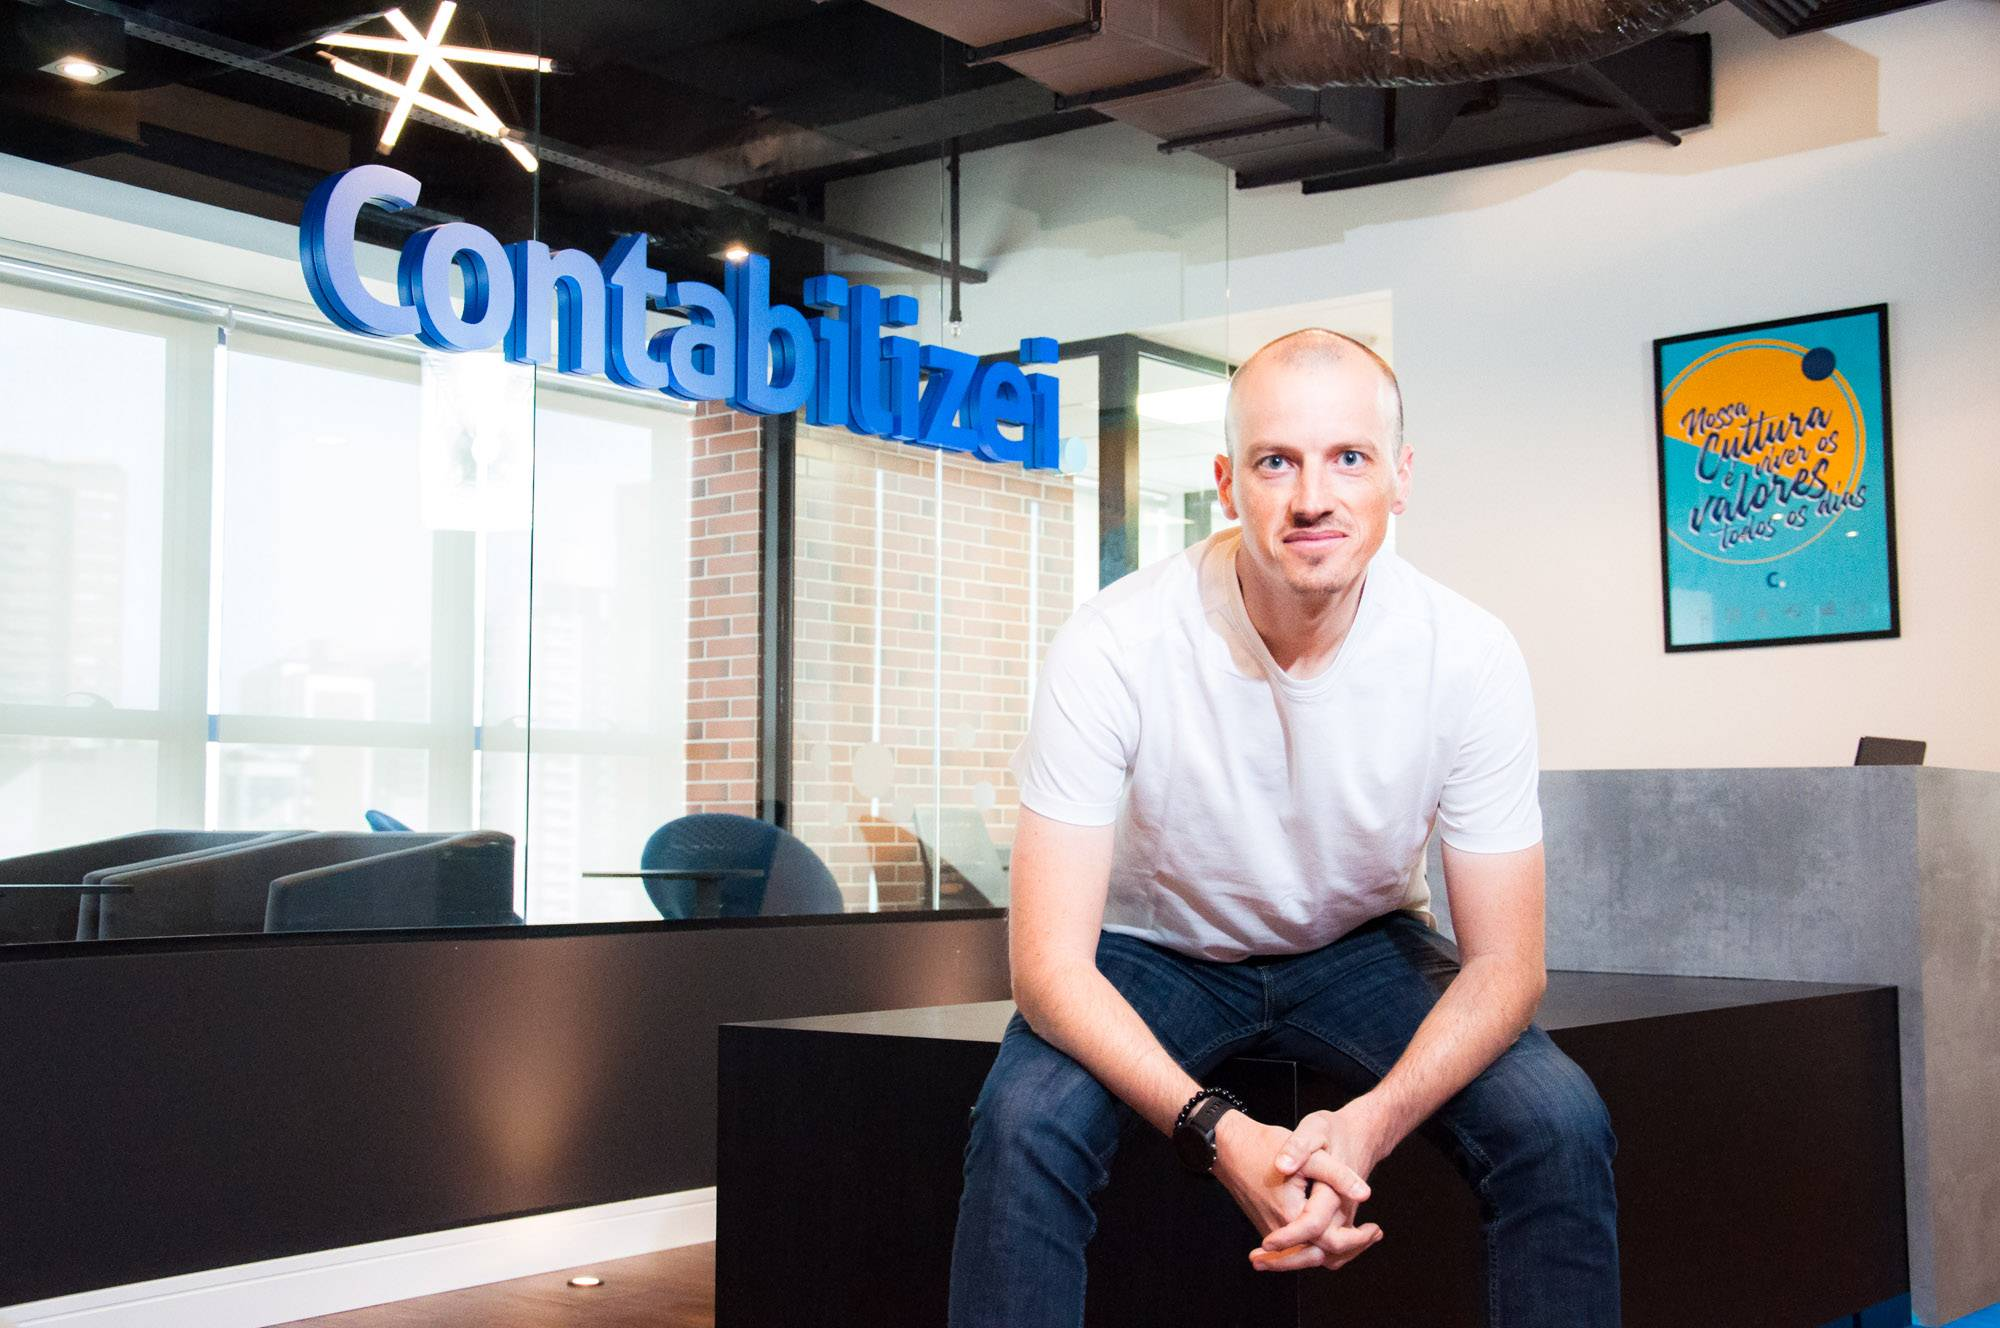 Vitor Torres, CEO e cofundador da Contabilizei, em Curitiba. Atividades da empresa se mantêm estáveis com a pandemia, com os mais de 400 funcionários em home office. Foto: Divulgação.